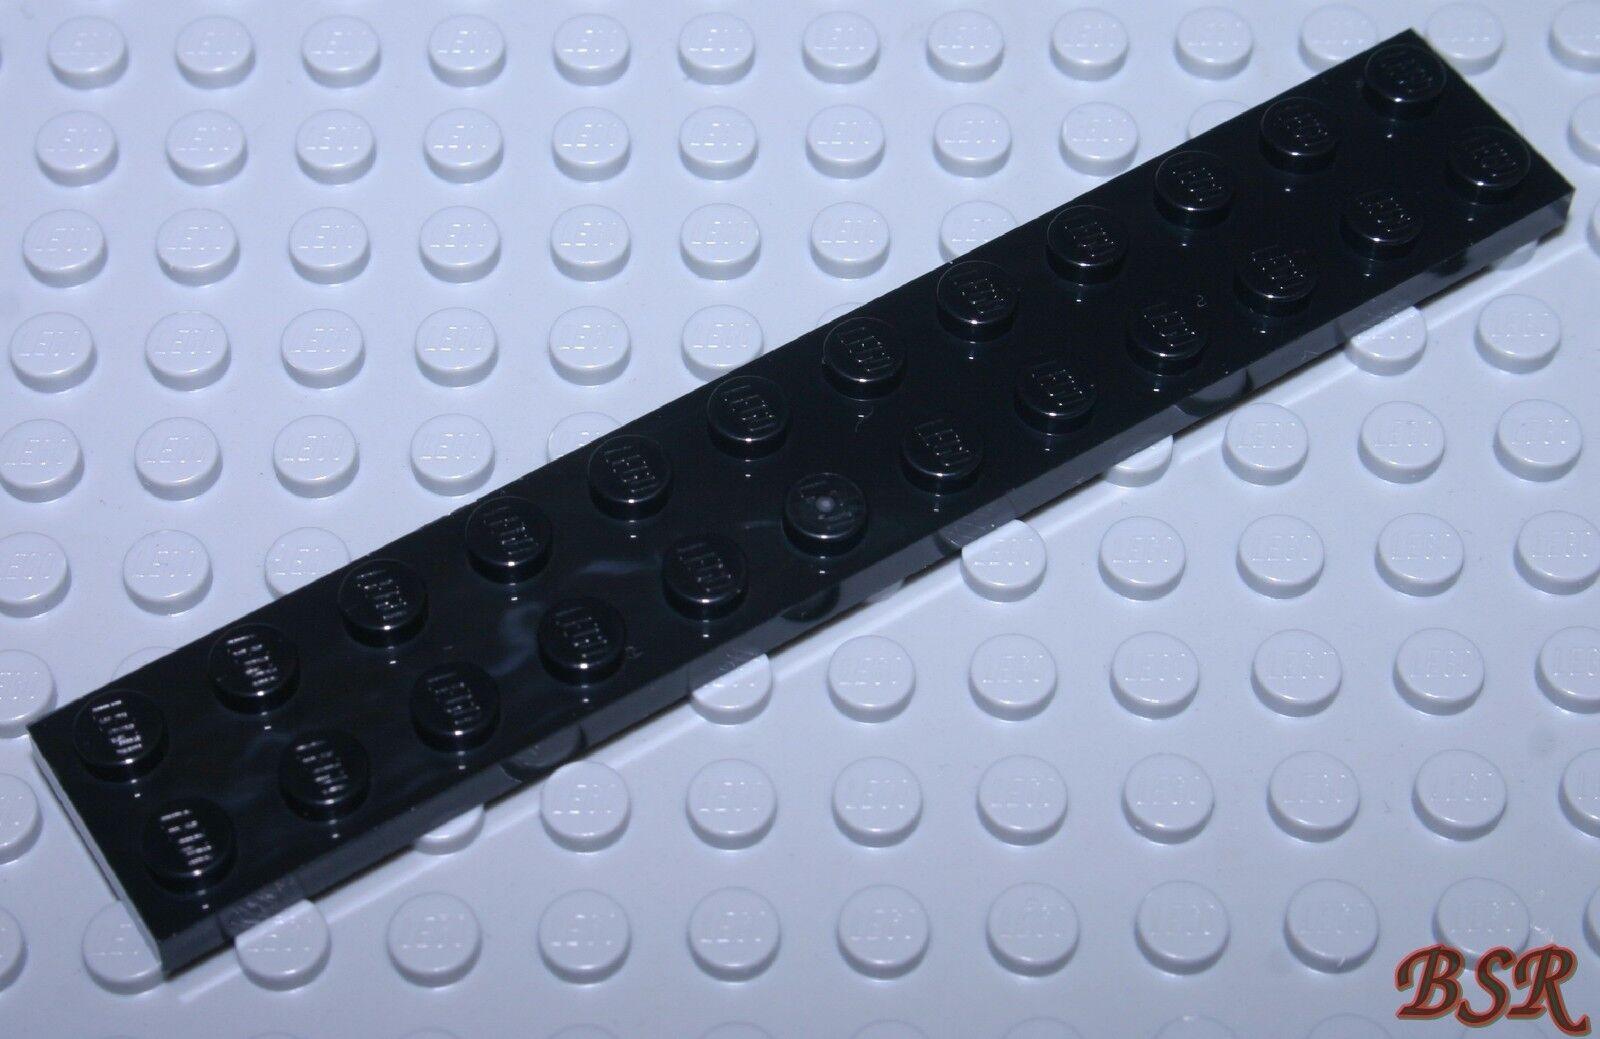 LEGO 2 x flache Platte 2445 dunkelrot 2x12